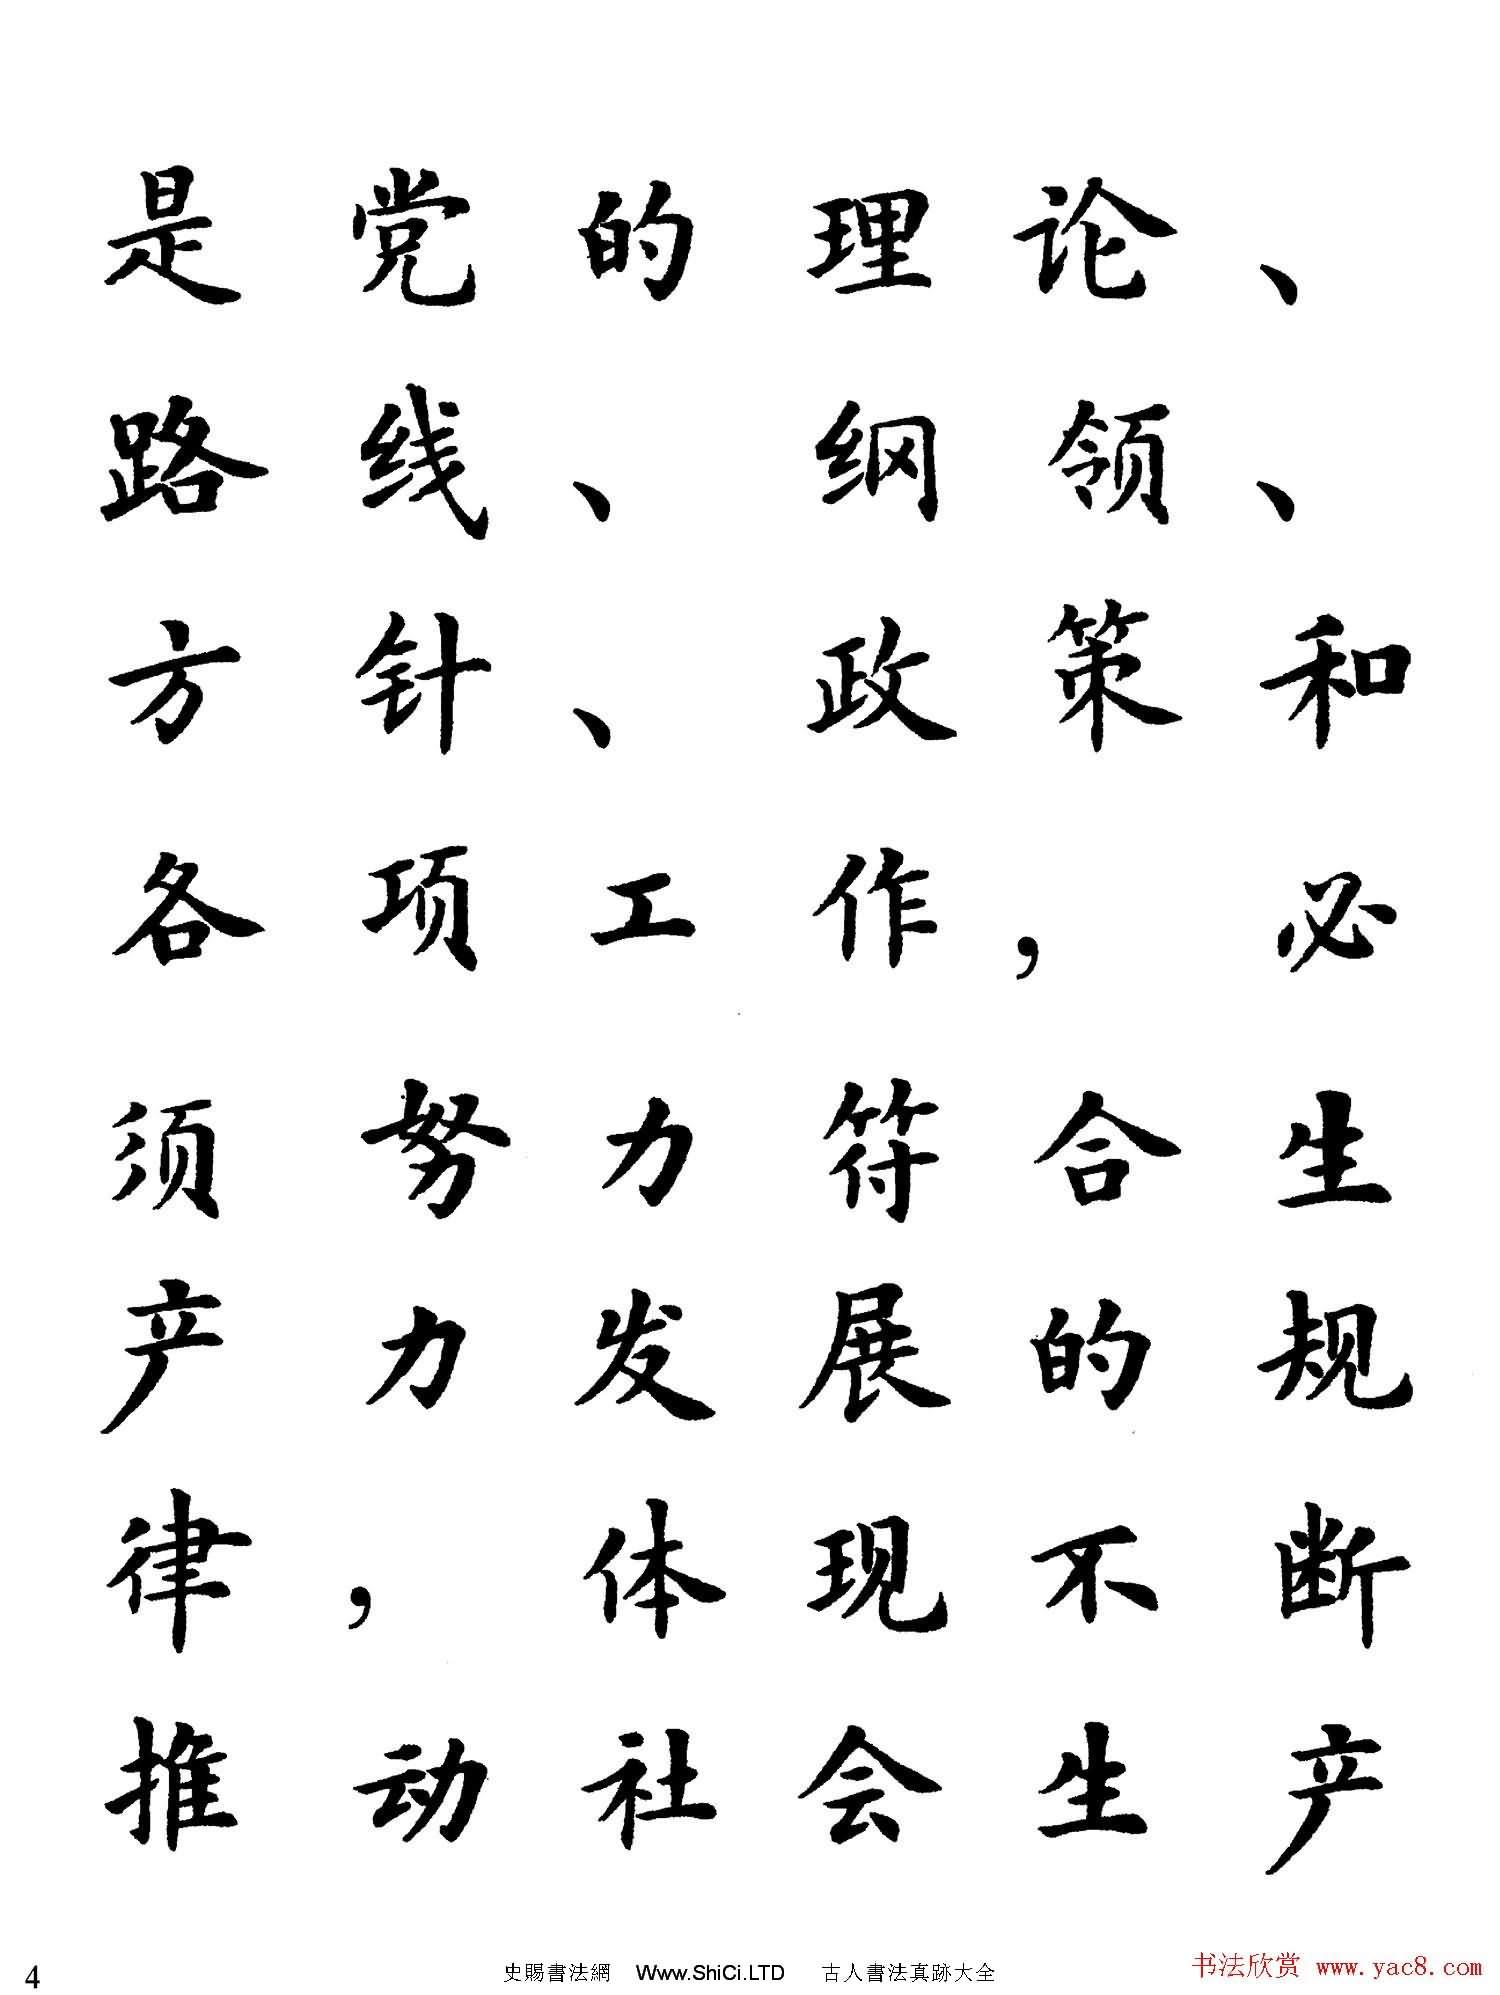 盧中南楷書規範字帖《學習三個代表》